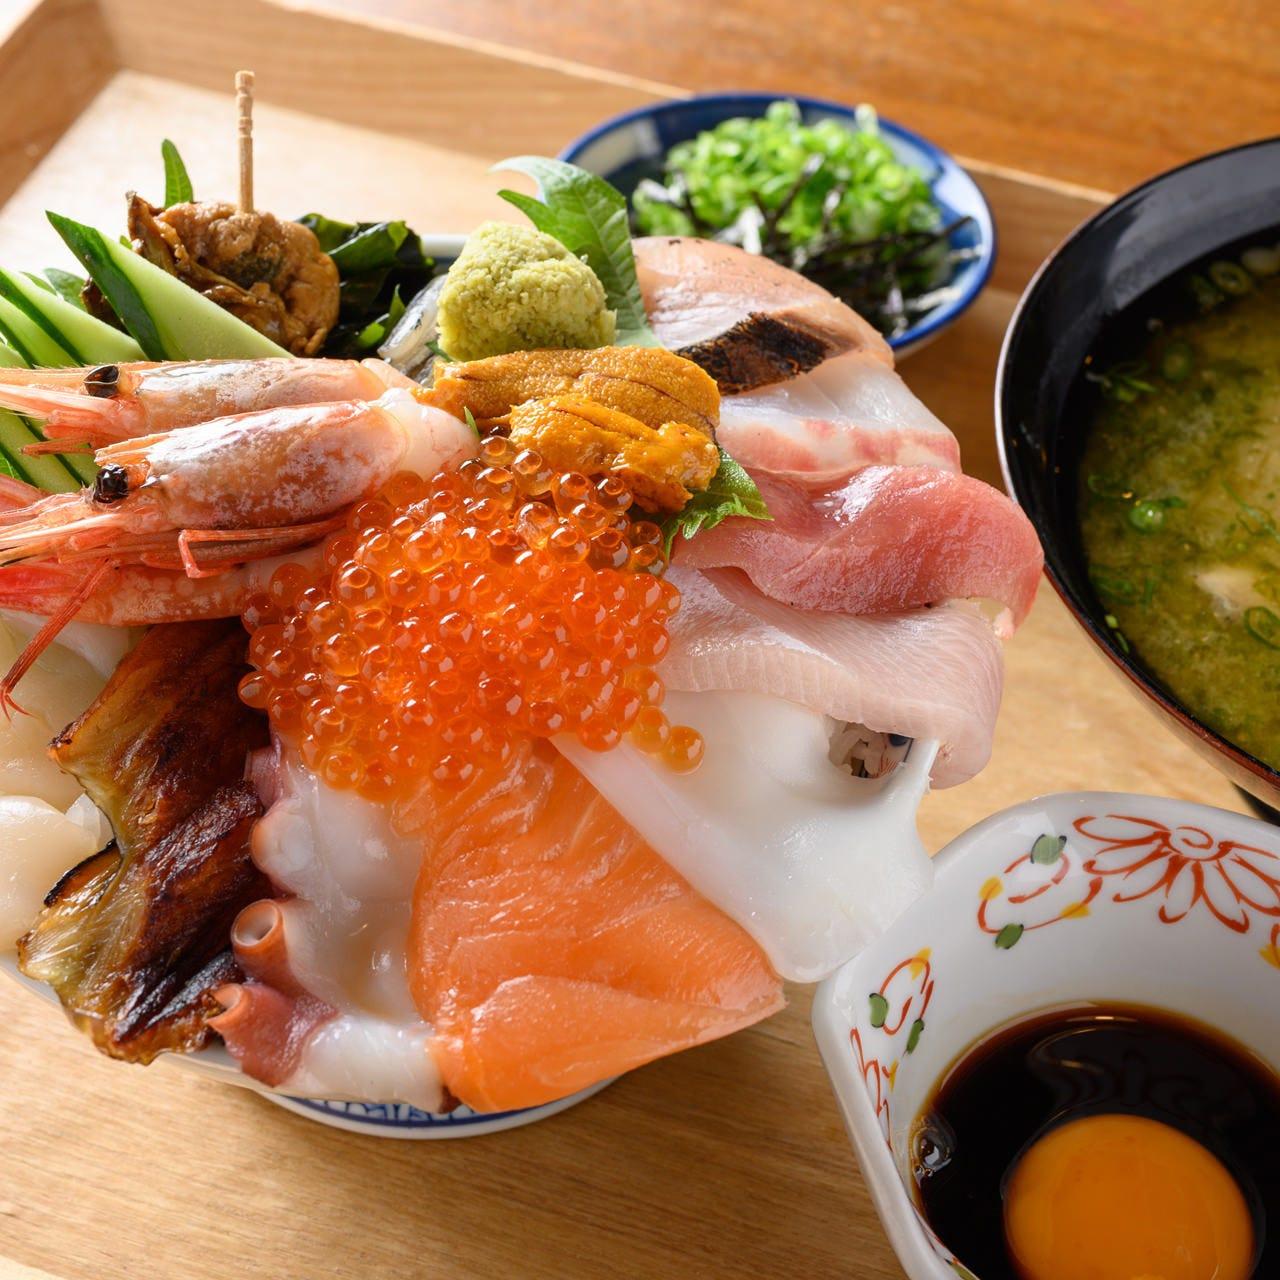 新鮮な海の幸が魅力の平日ランチ&贅沢漁師飯が人気の週末ランチ